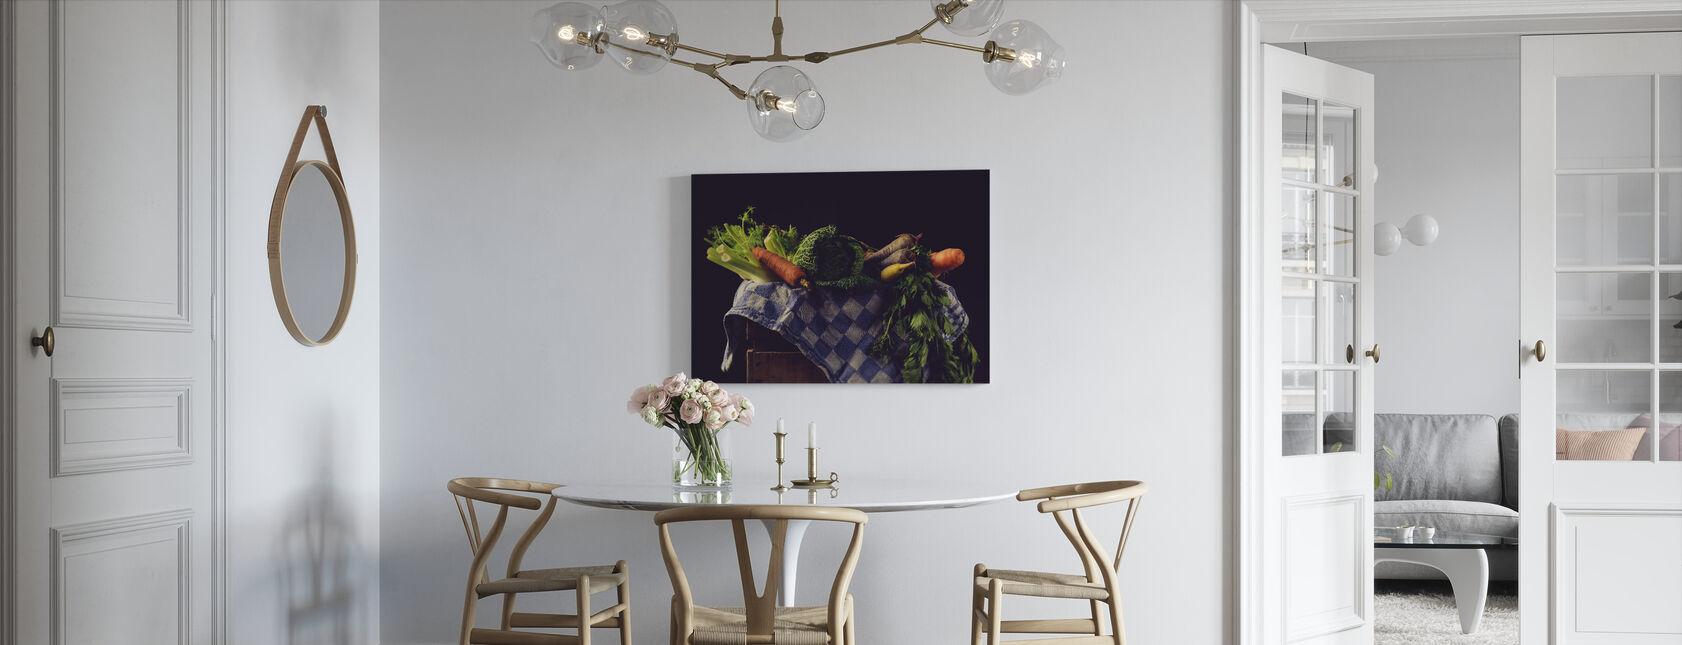 Groenten - Canvas print - Keuken